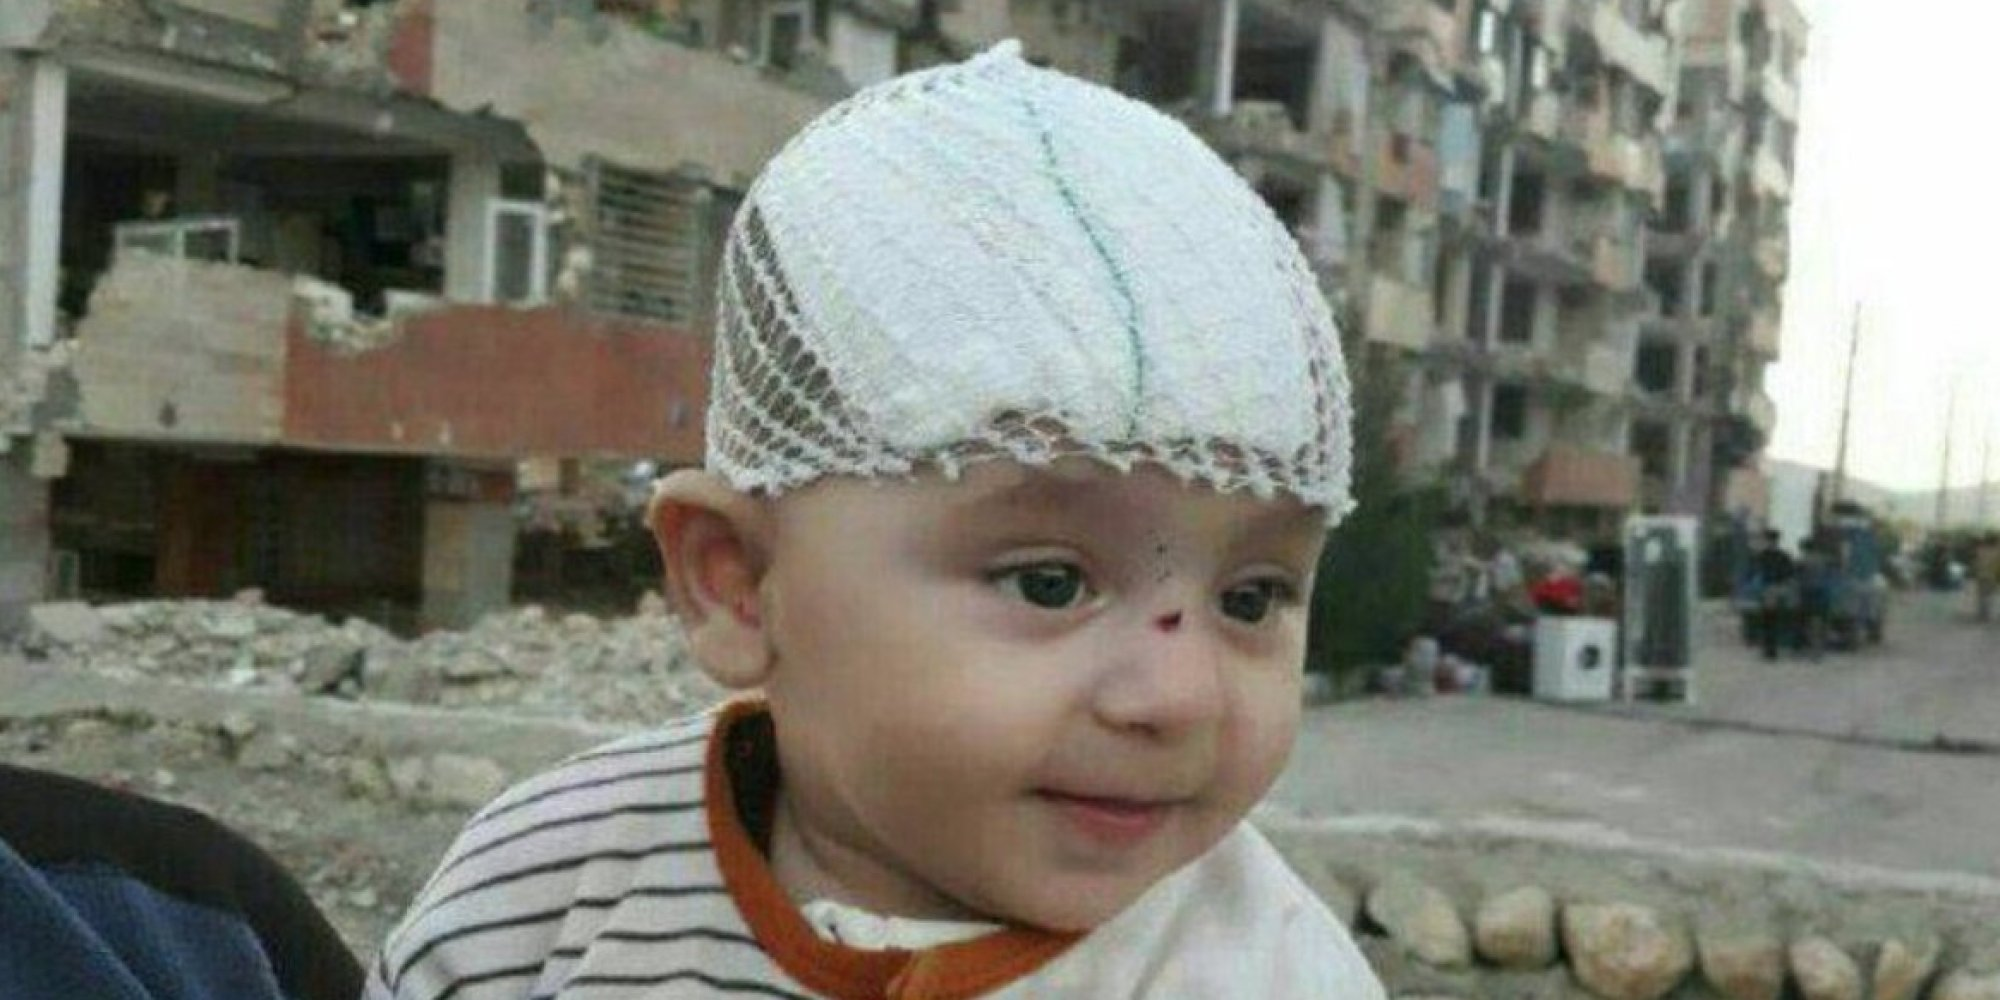 رضيع يقضي 3 أيام تحت أنقاض زلزال مدمر ويخرج حياً! قصة الطفل الذي وصف إيرانيون إنقاذه بـ معجزة إلهية